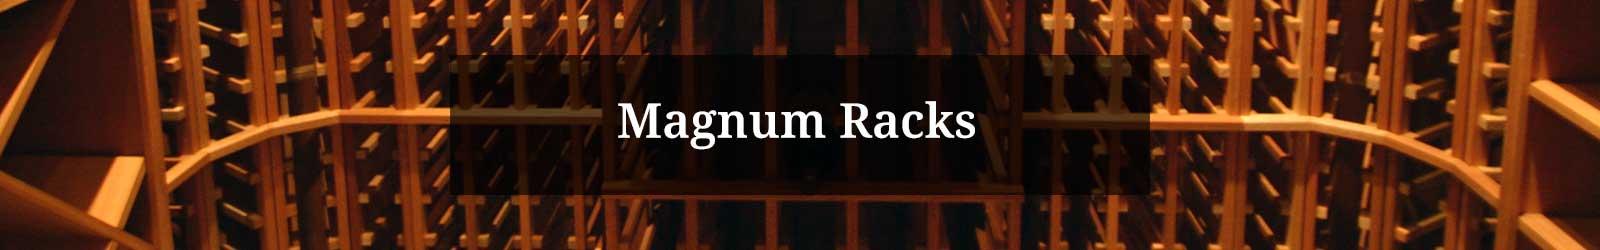 Magnum Racks